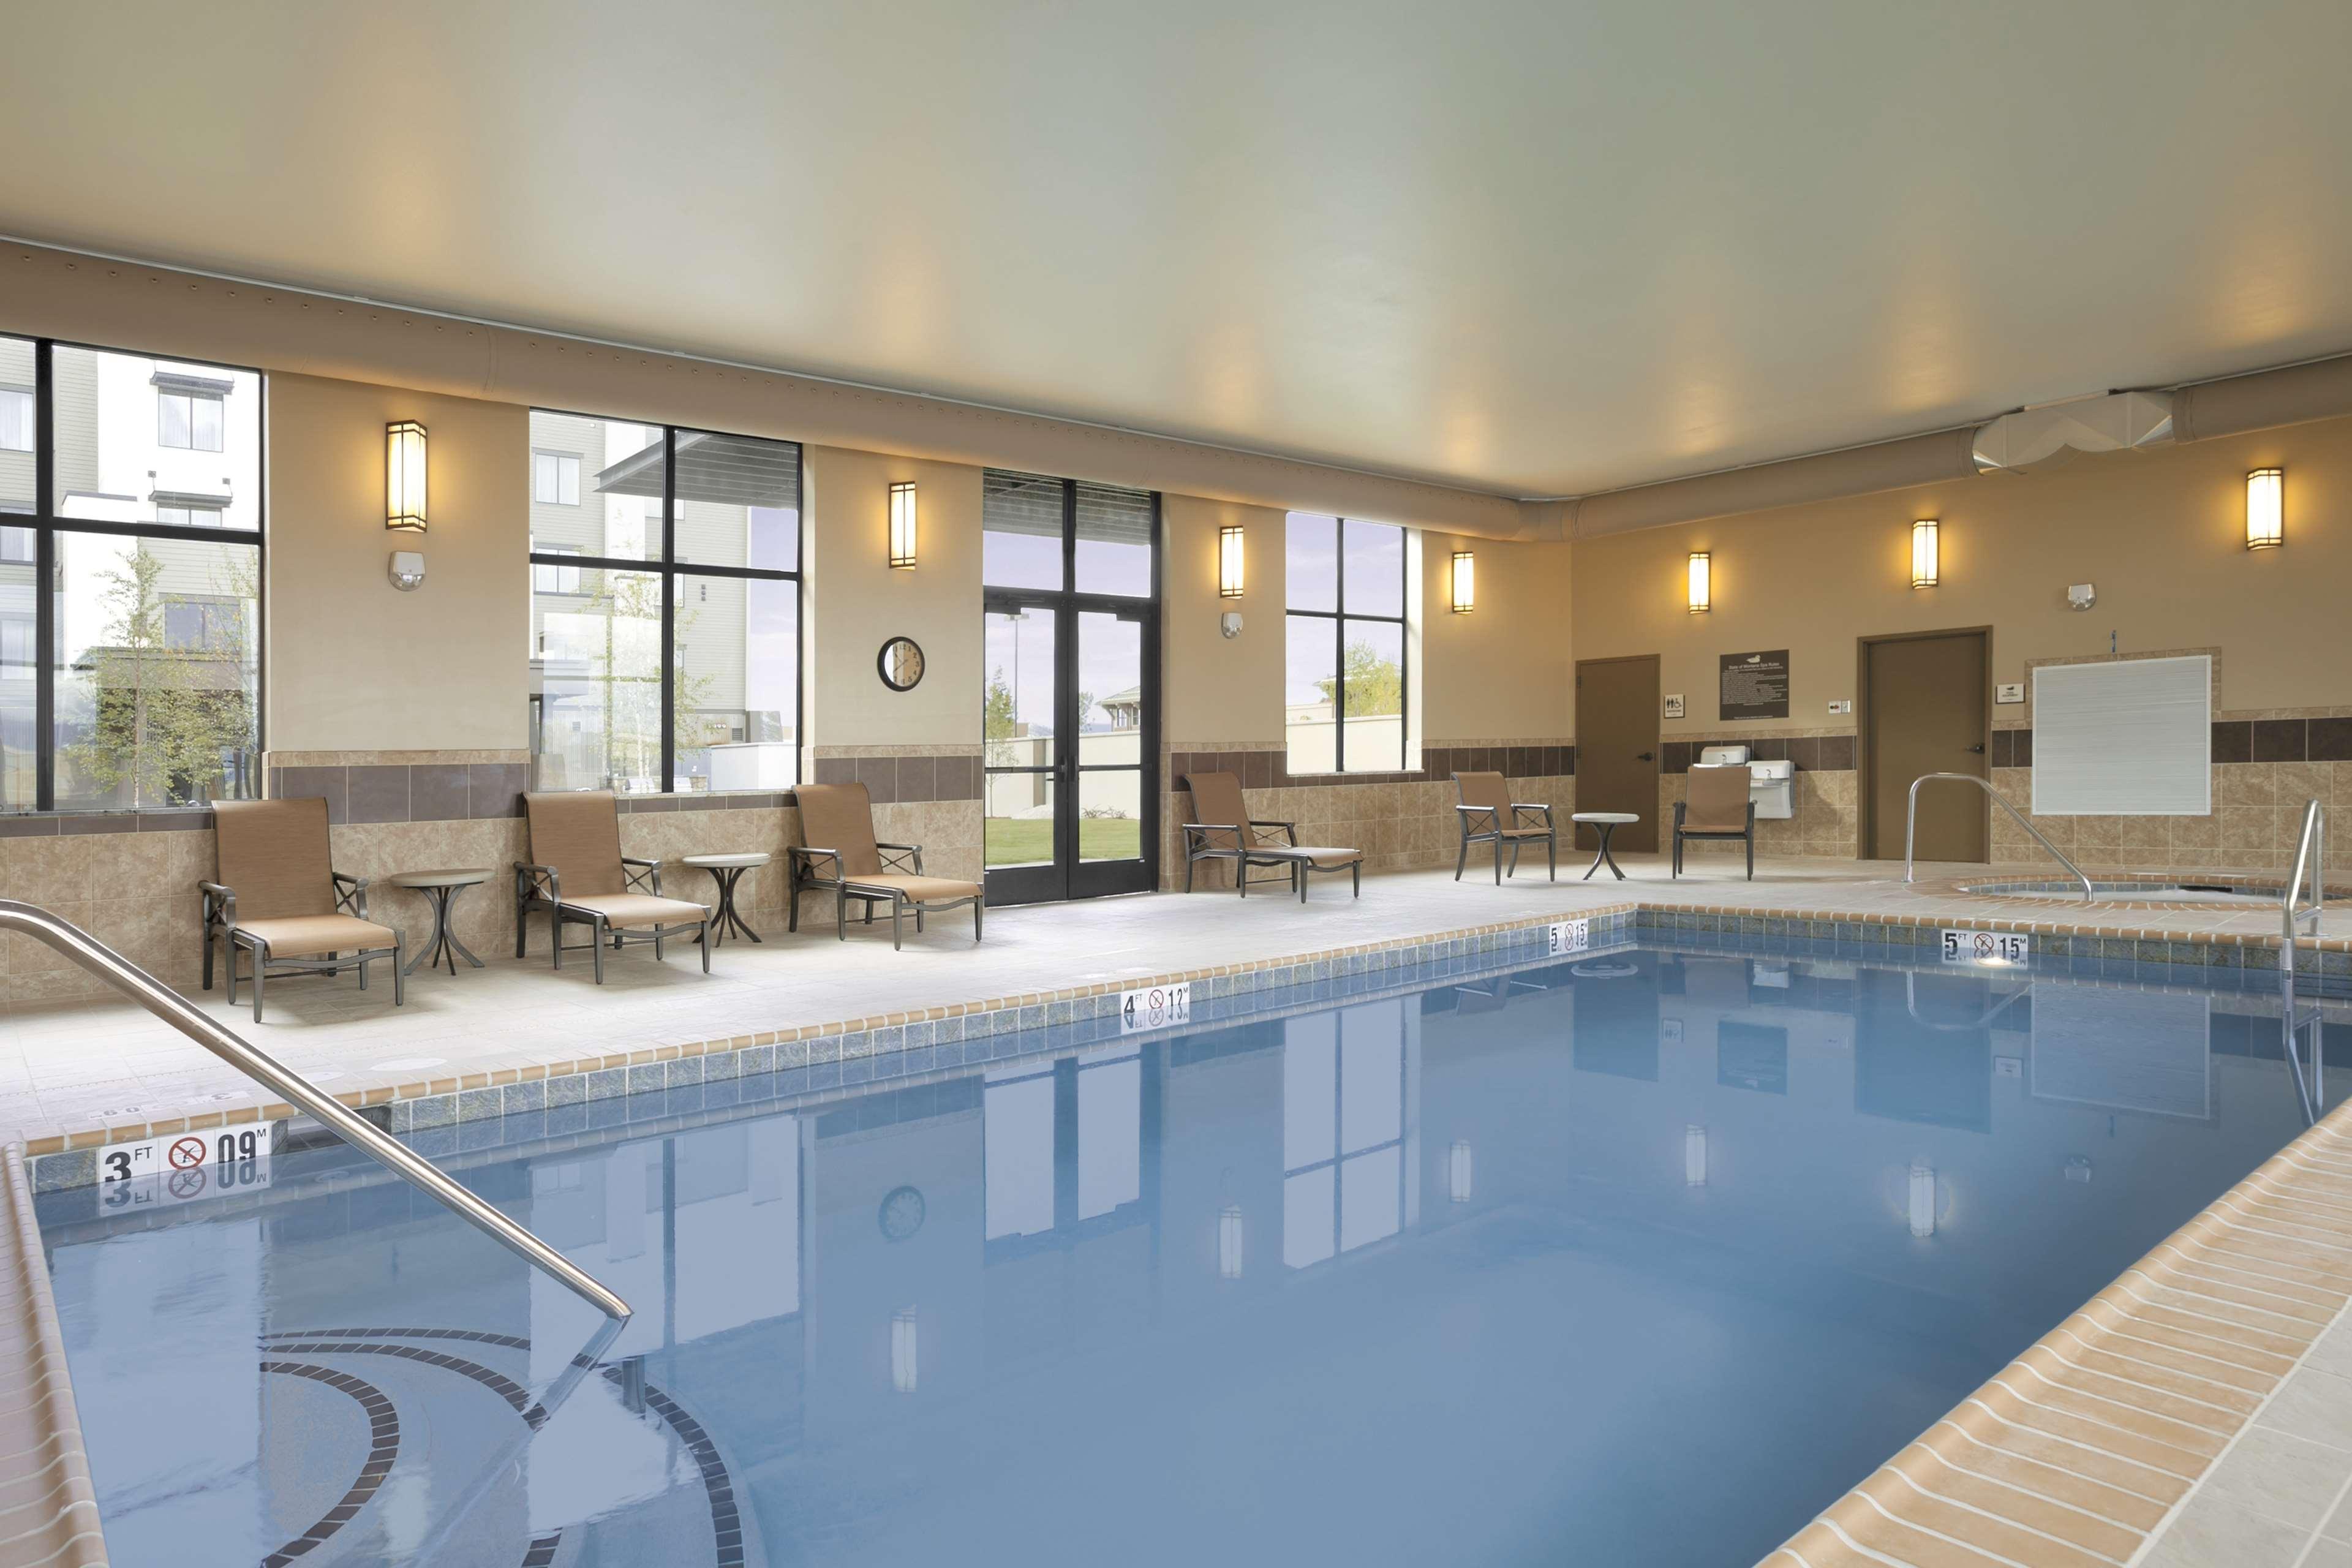 Homewood Suites by Hilton Kalispell, MT image 6